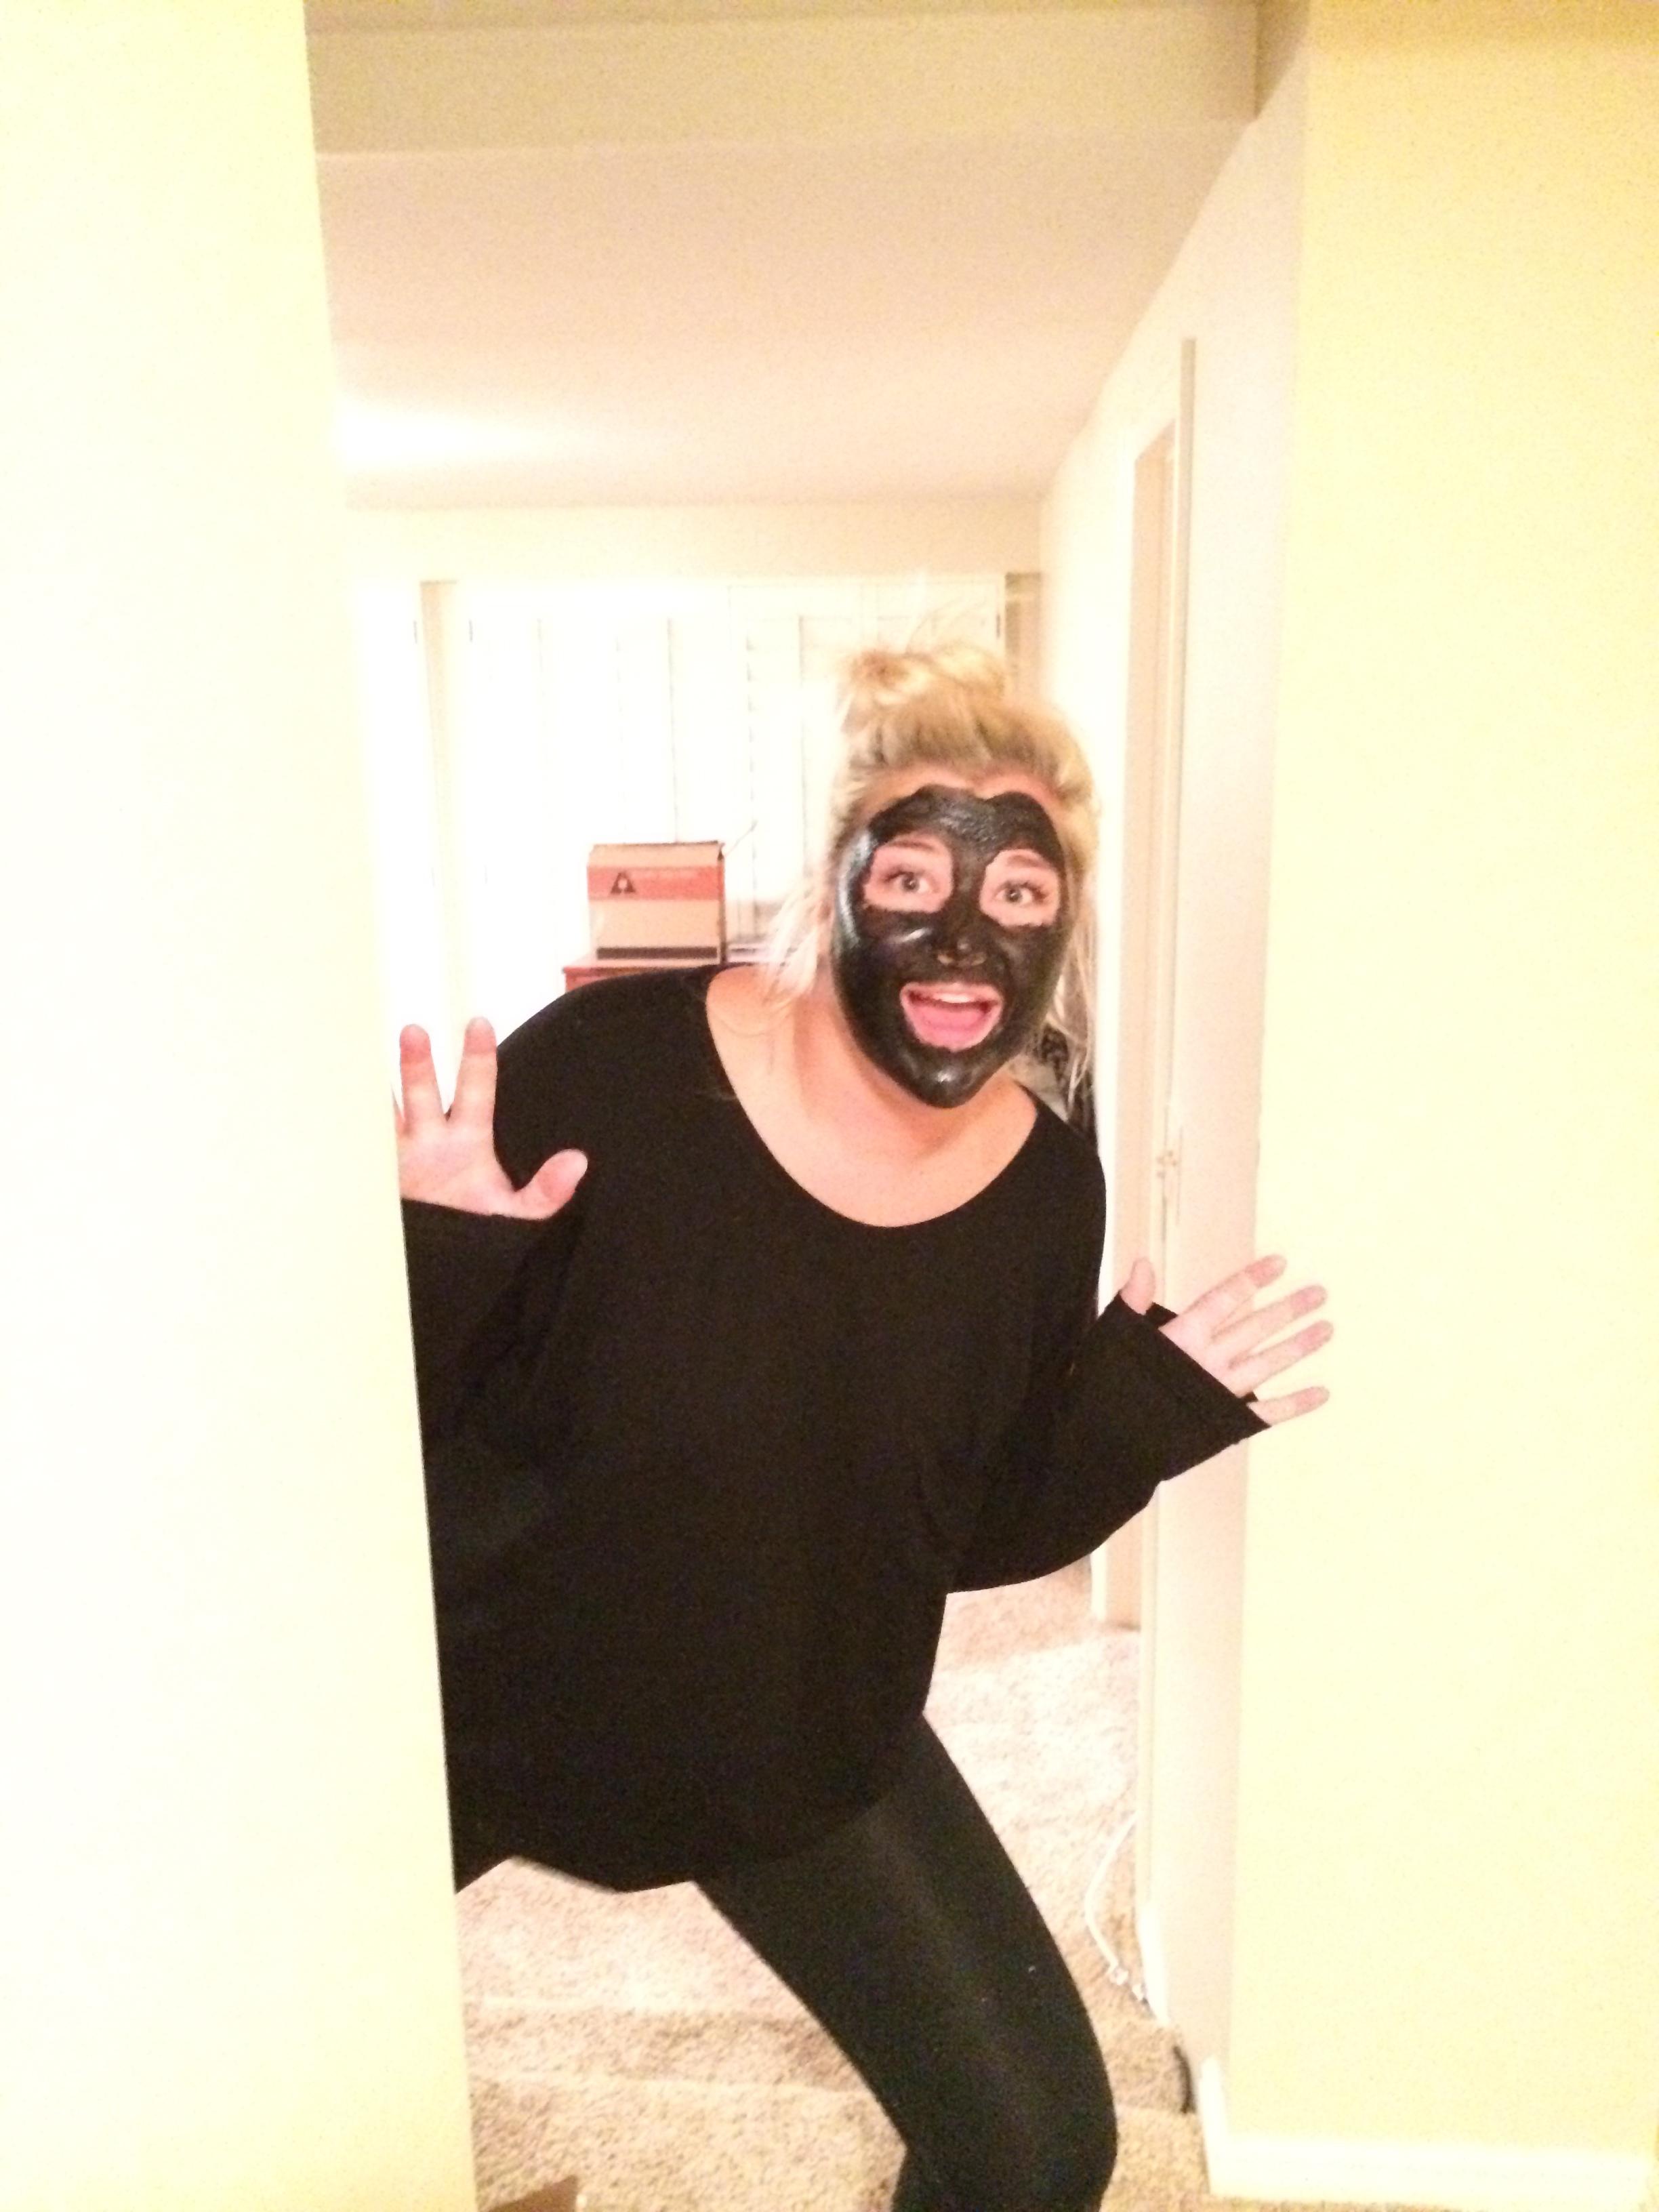 Boscia face mask July 21, 2014 873